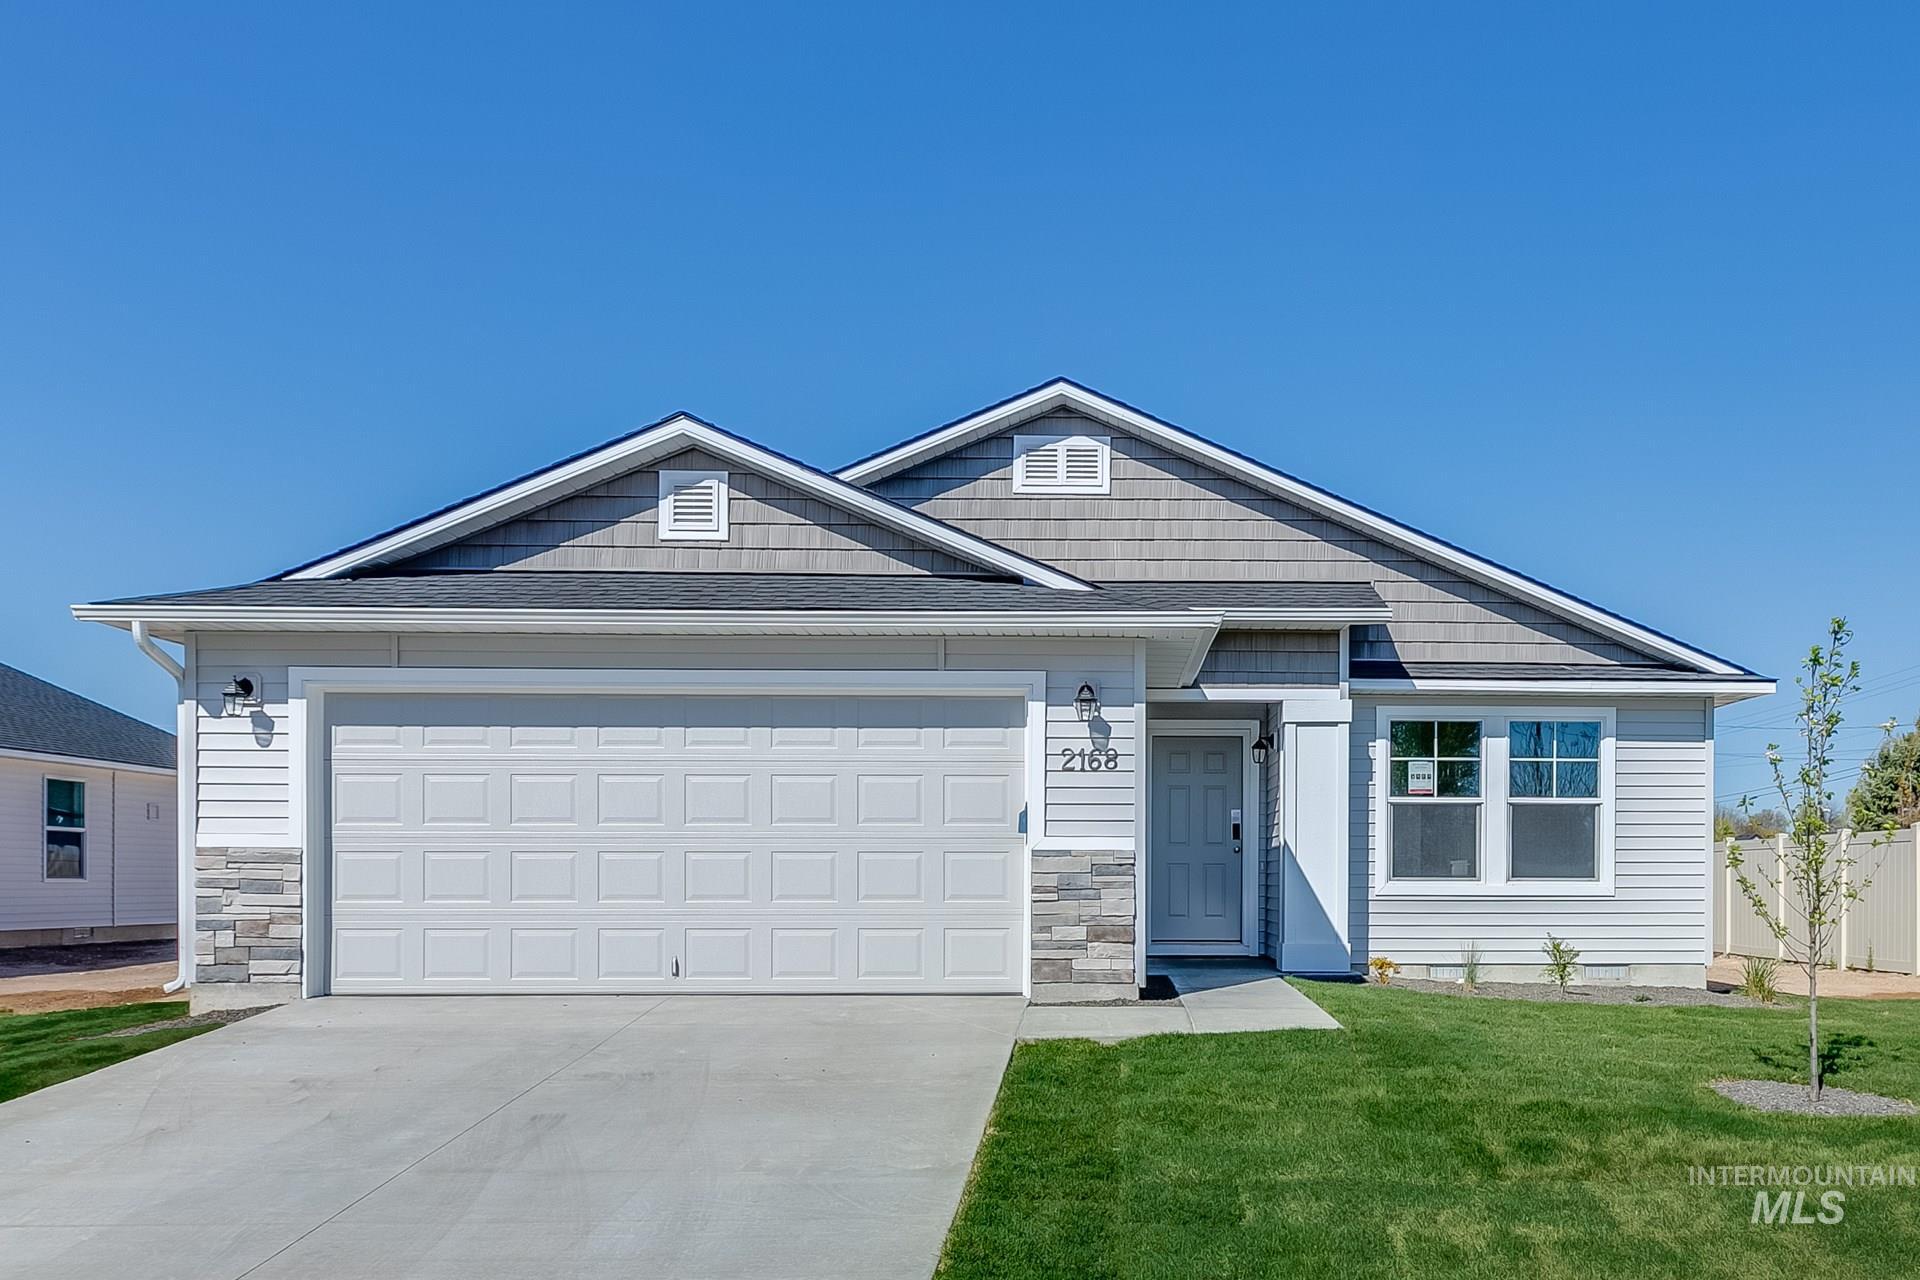 11577 Foreland St Property Photo 1